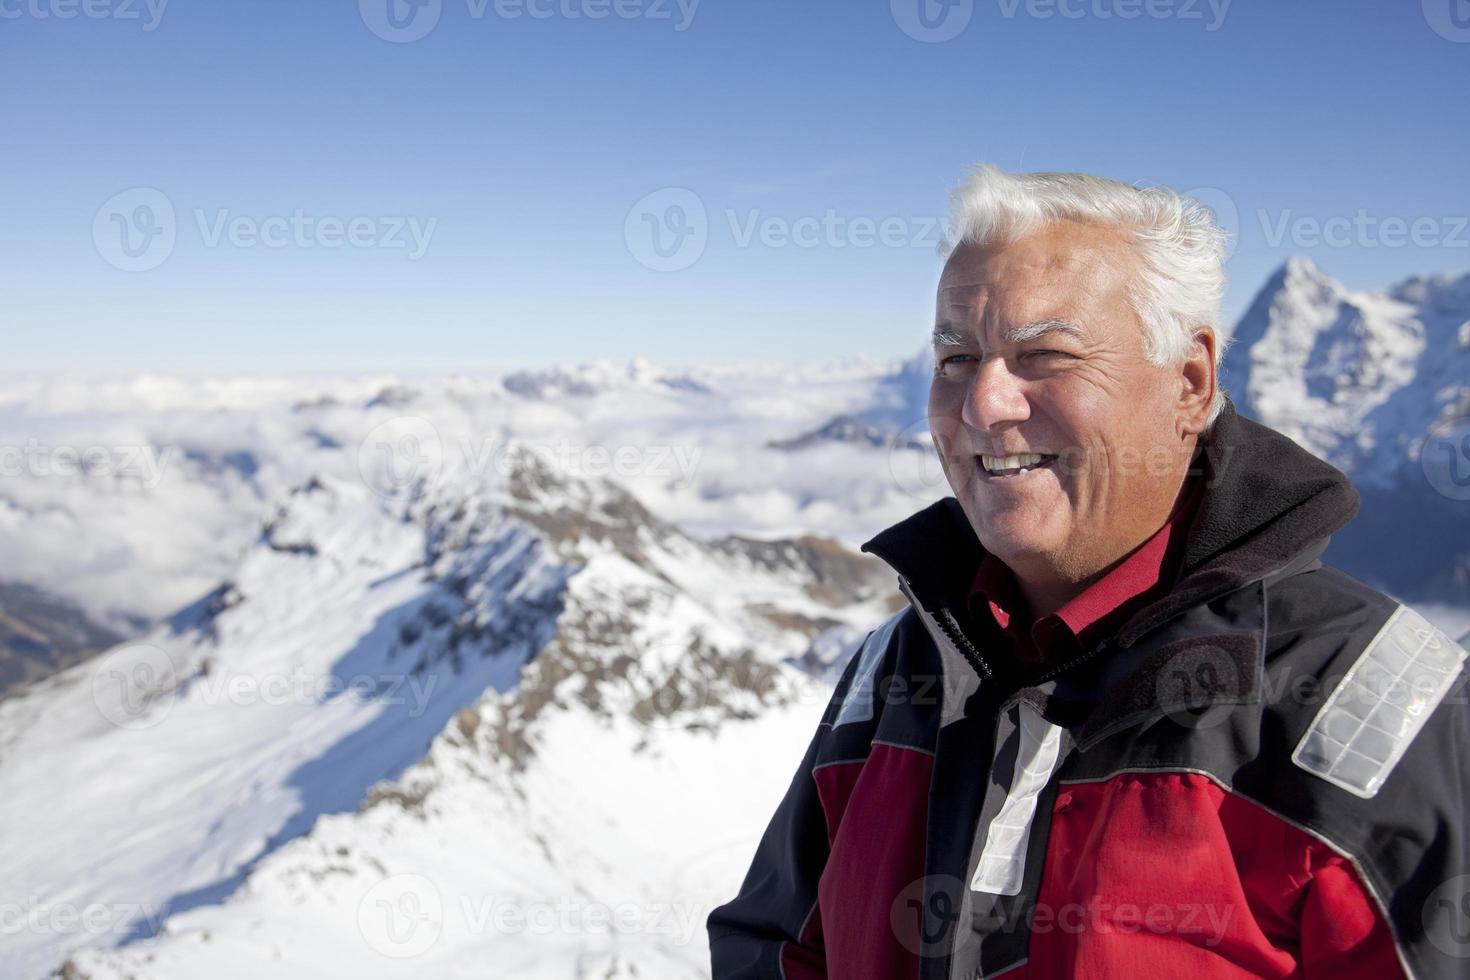 homme sur les montagnes. photo